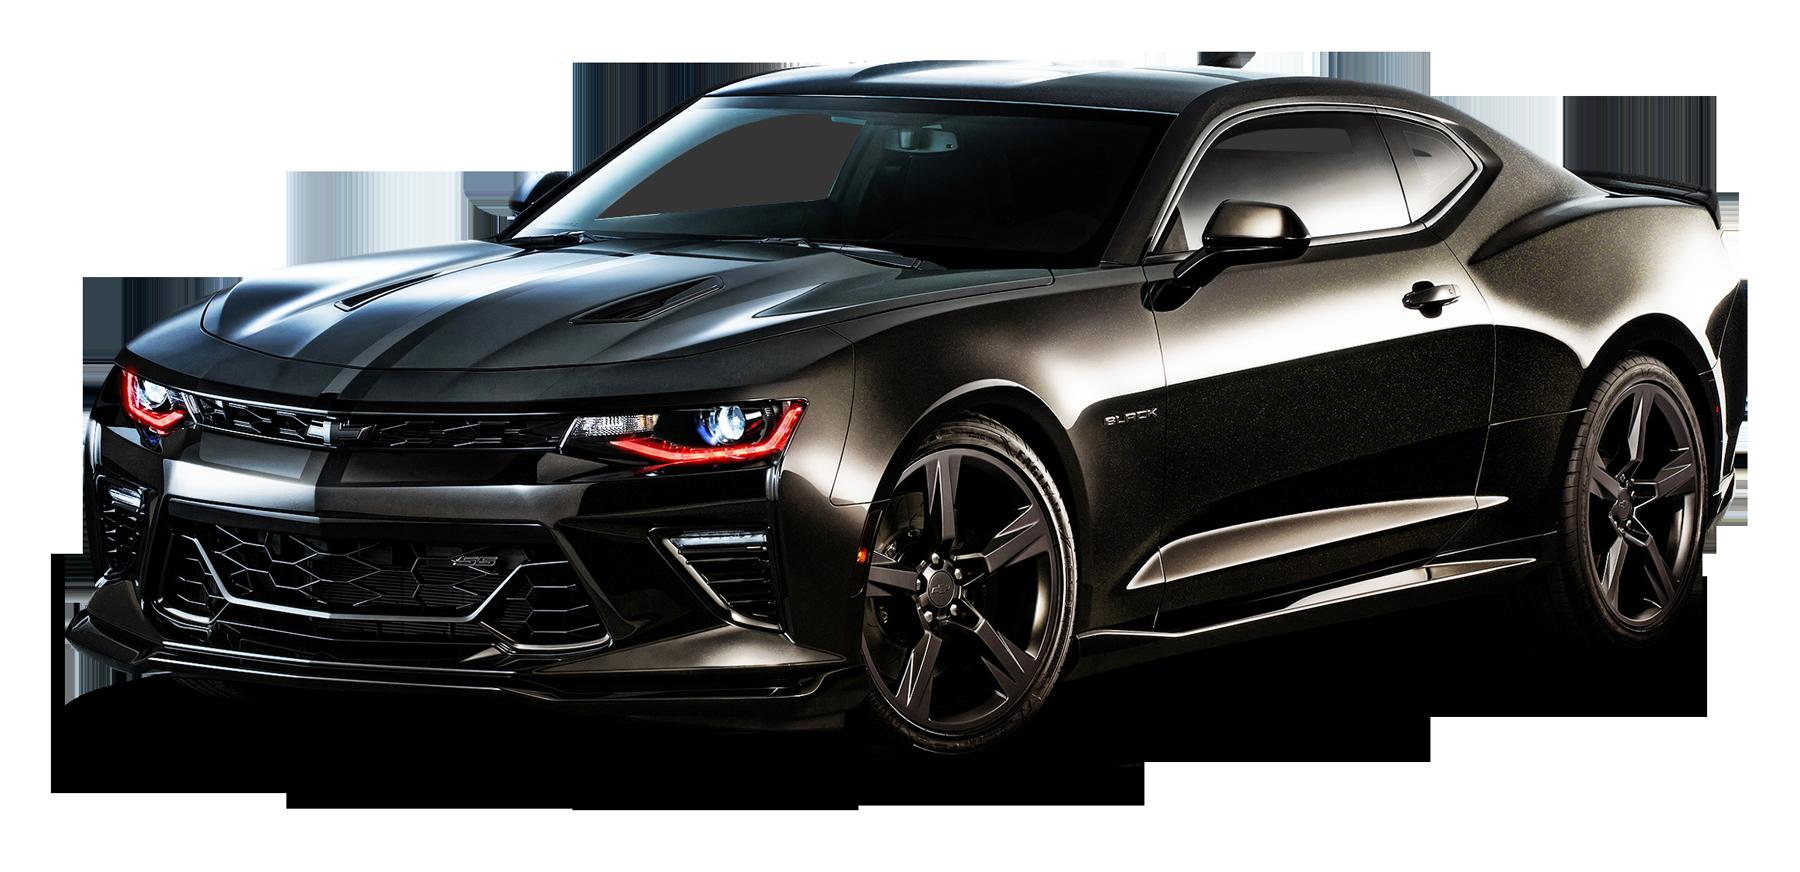 Chevrolet Camaro Black Car Png Image Purepng Free